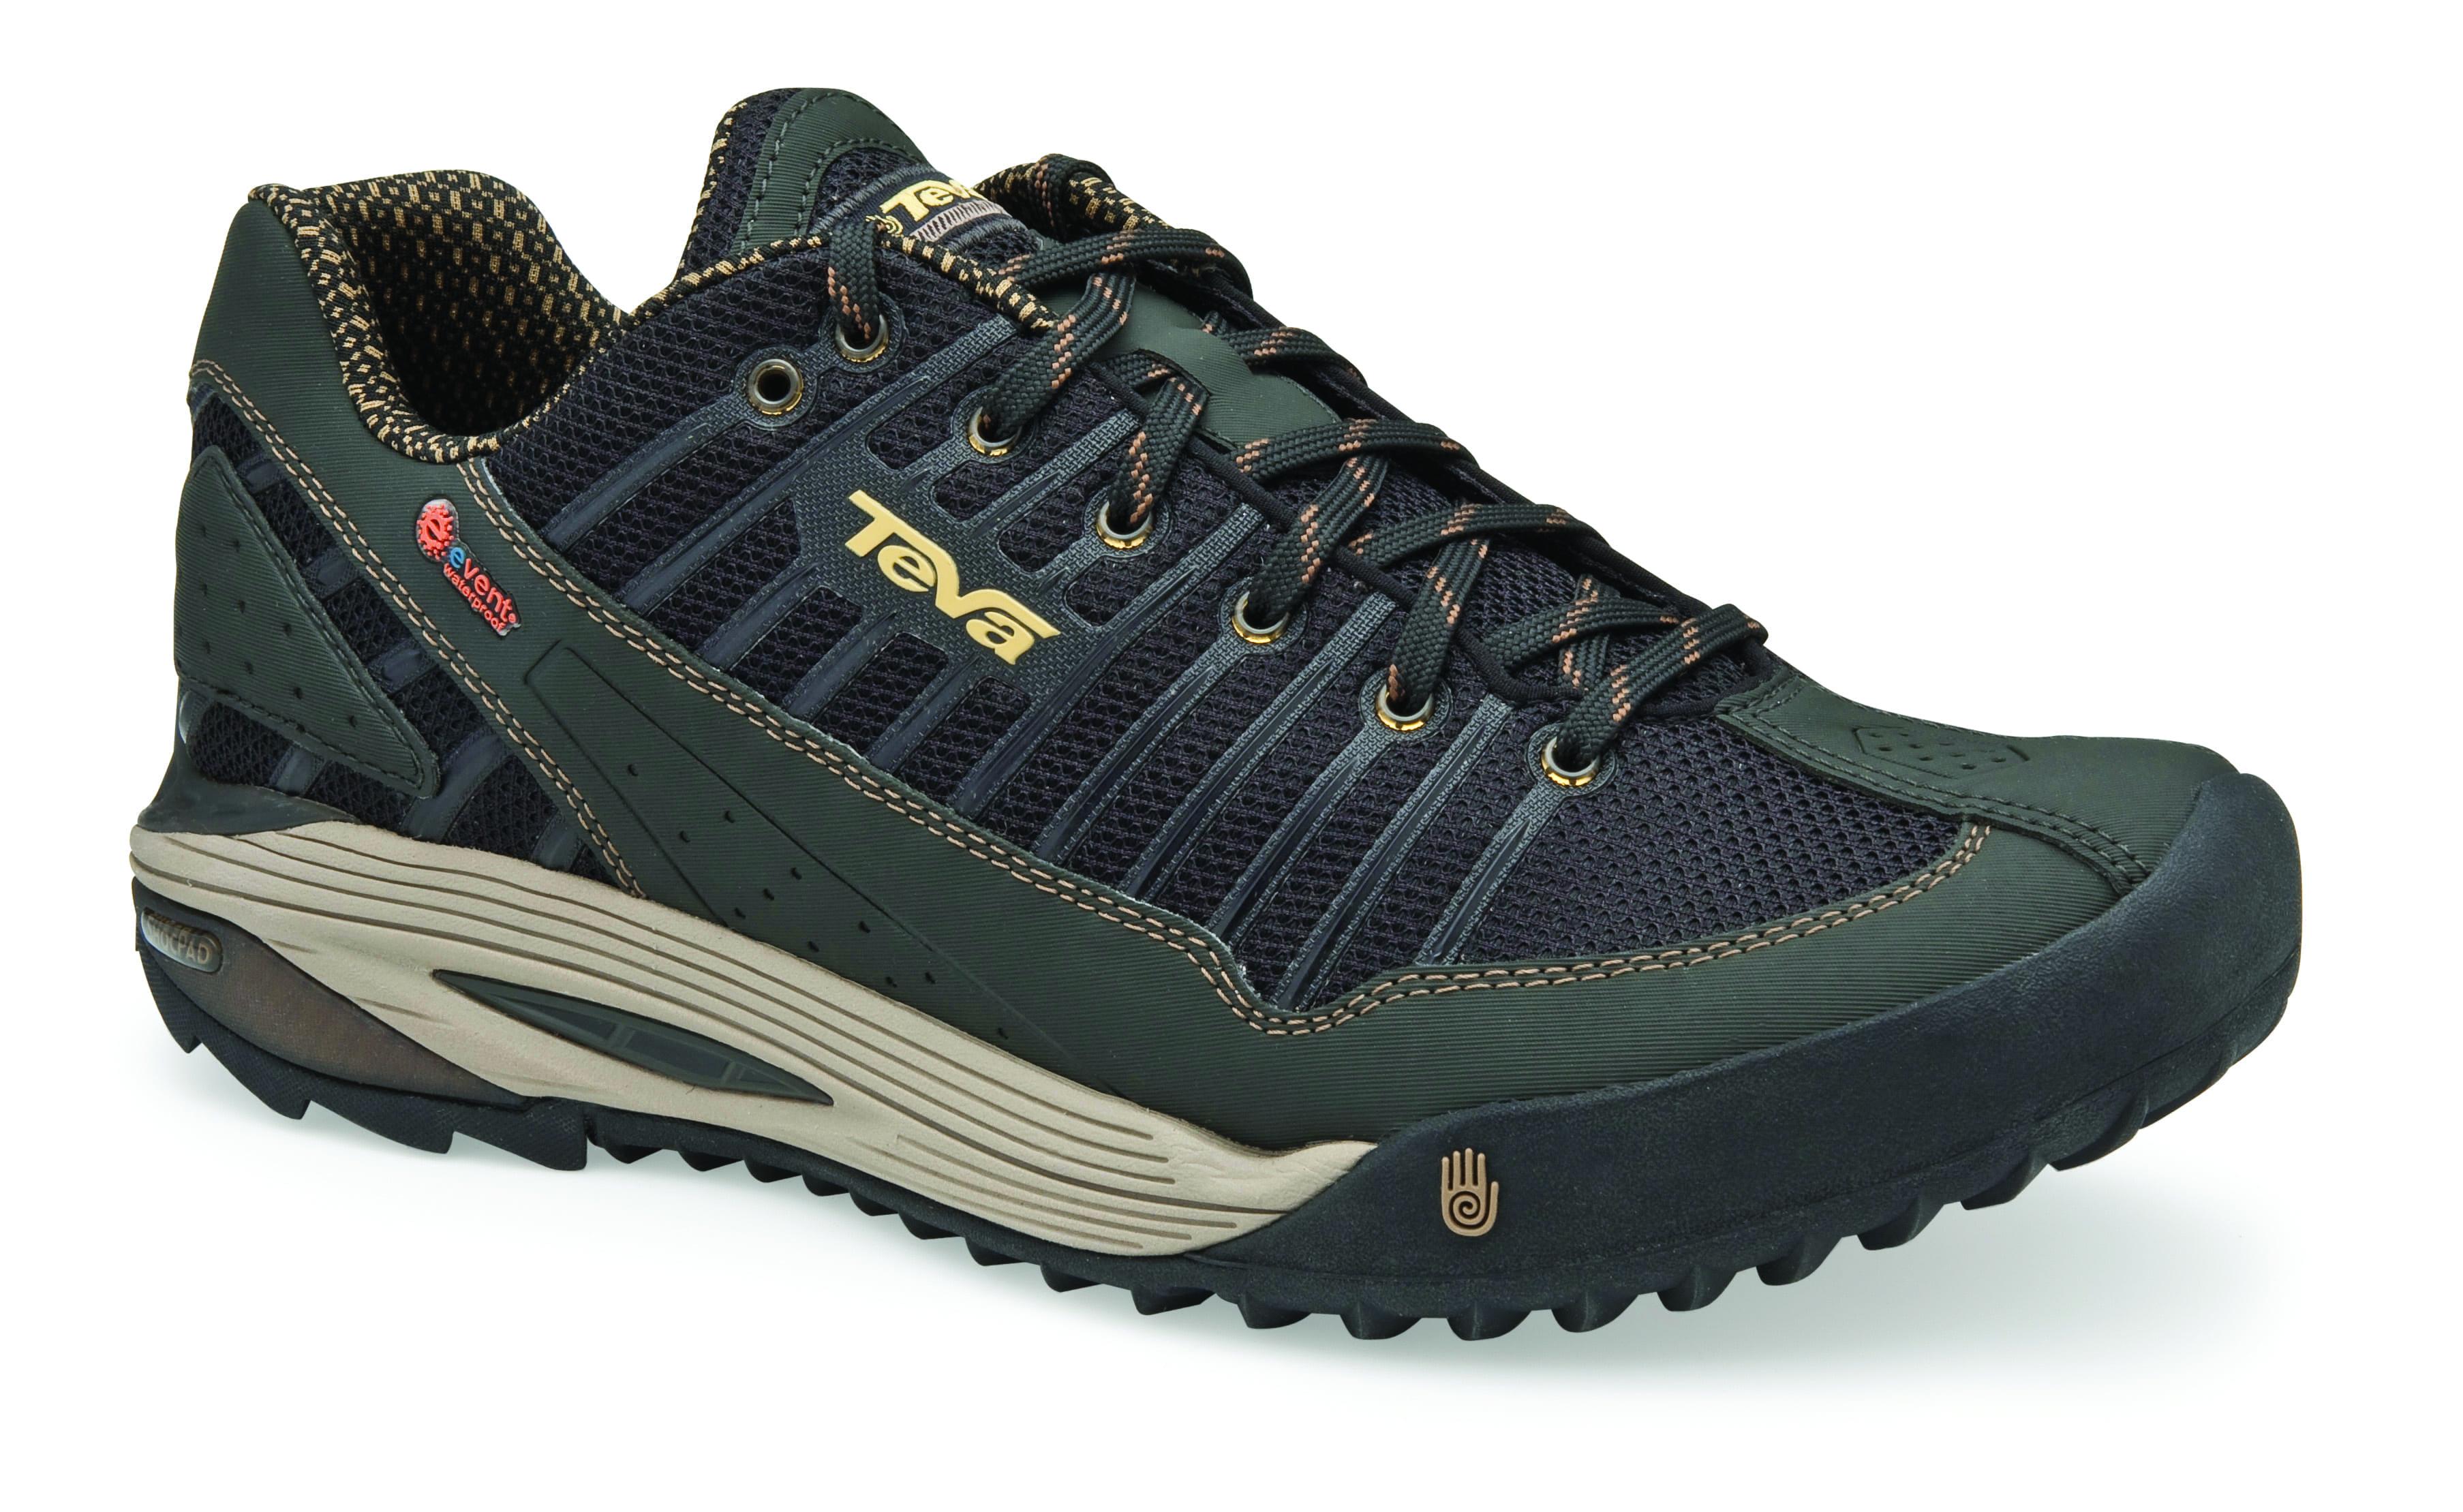 4156d3fd838490 Teva Mush Frio Lace Canvas Shoe Review - Active Gear Review